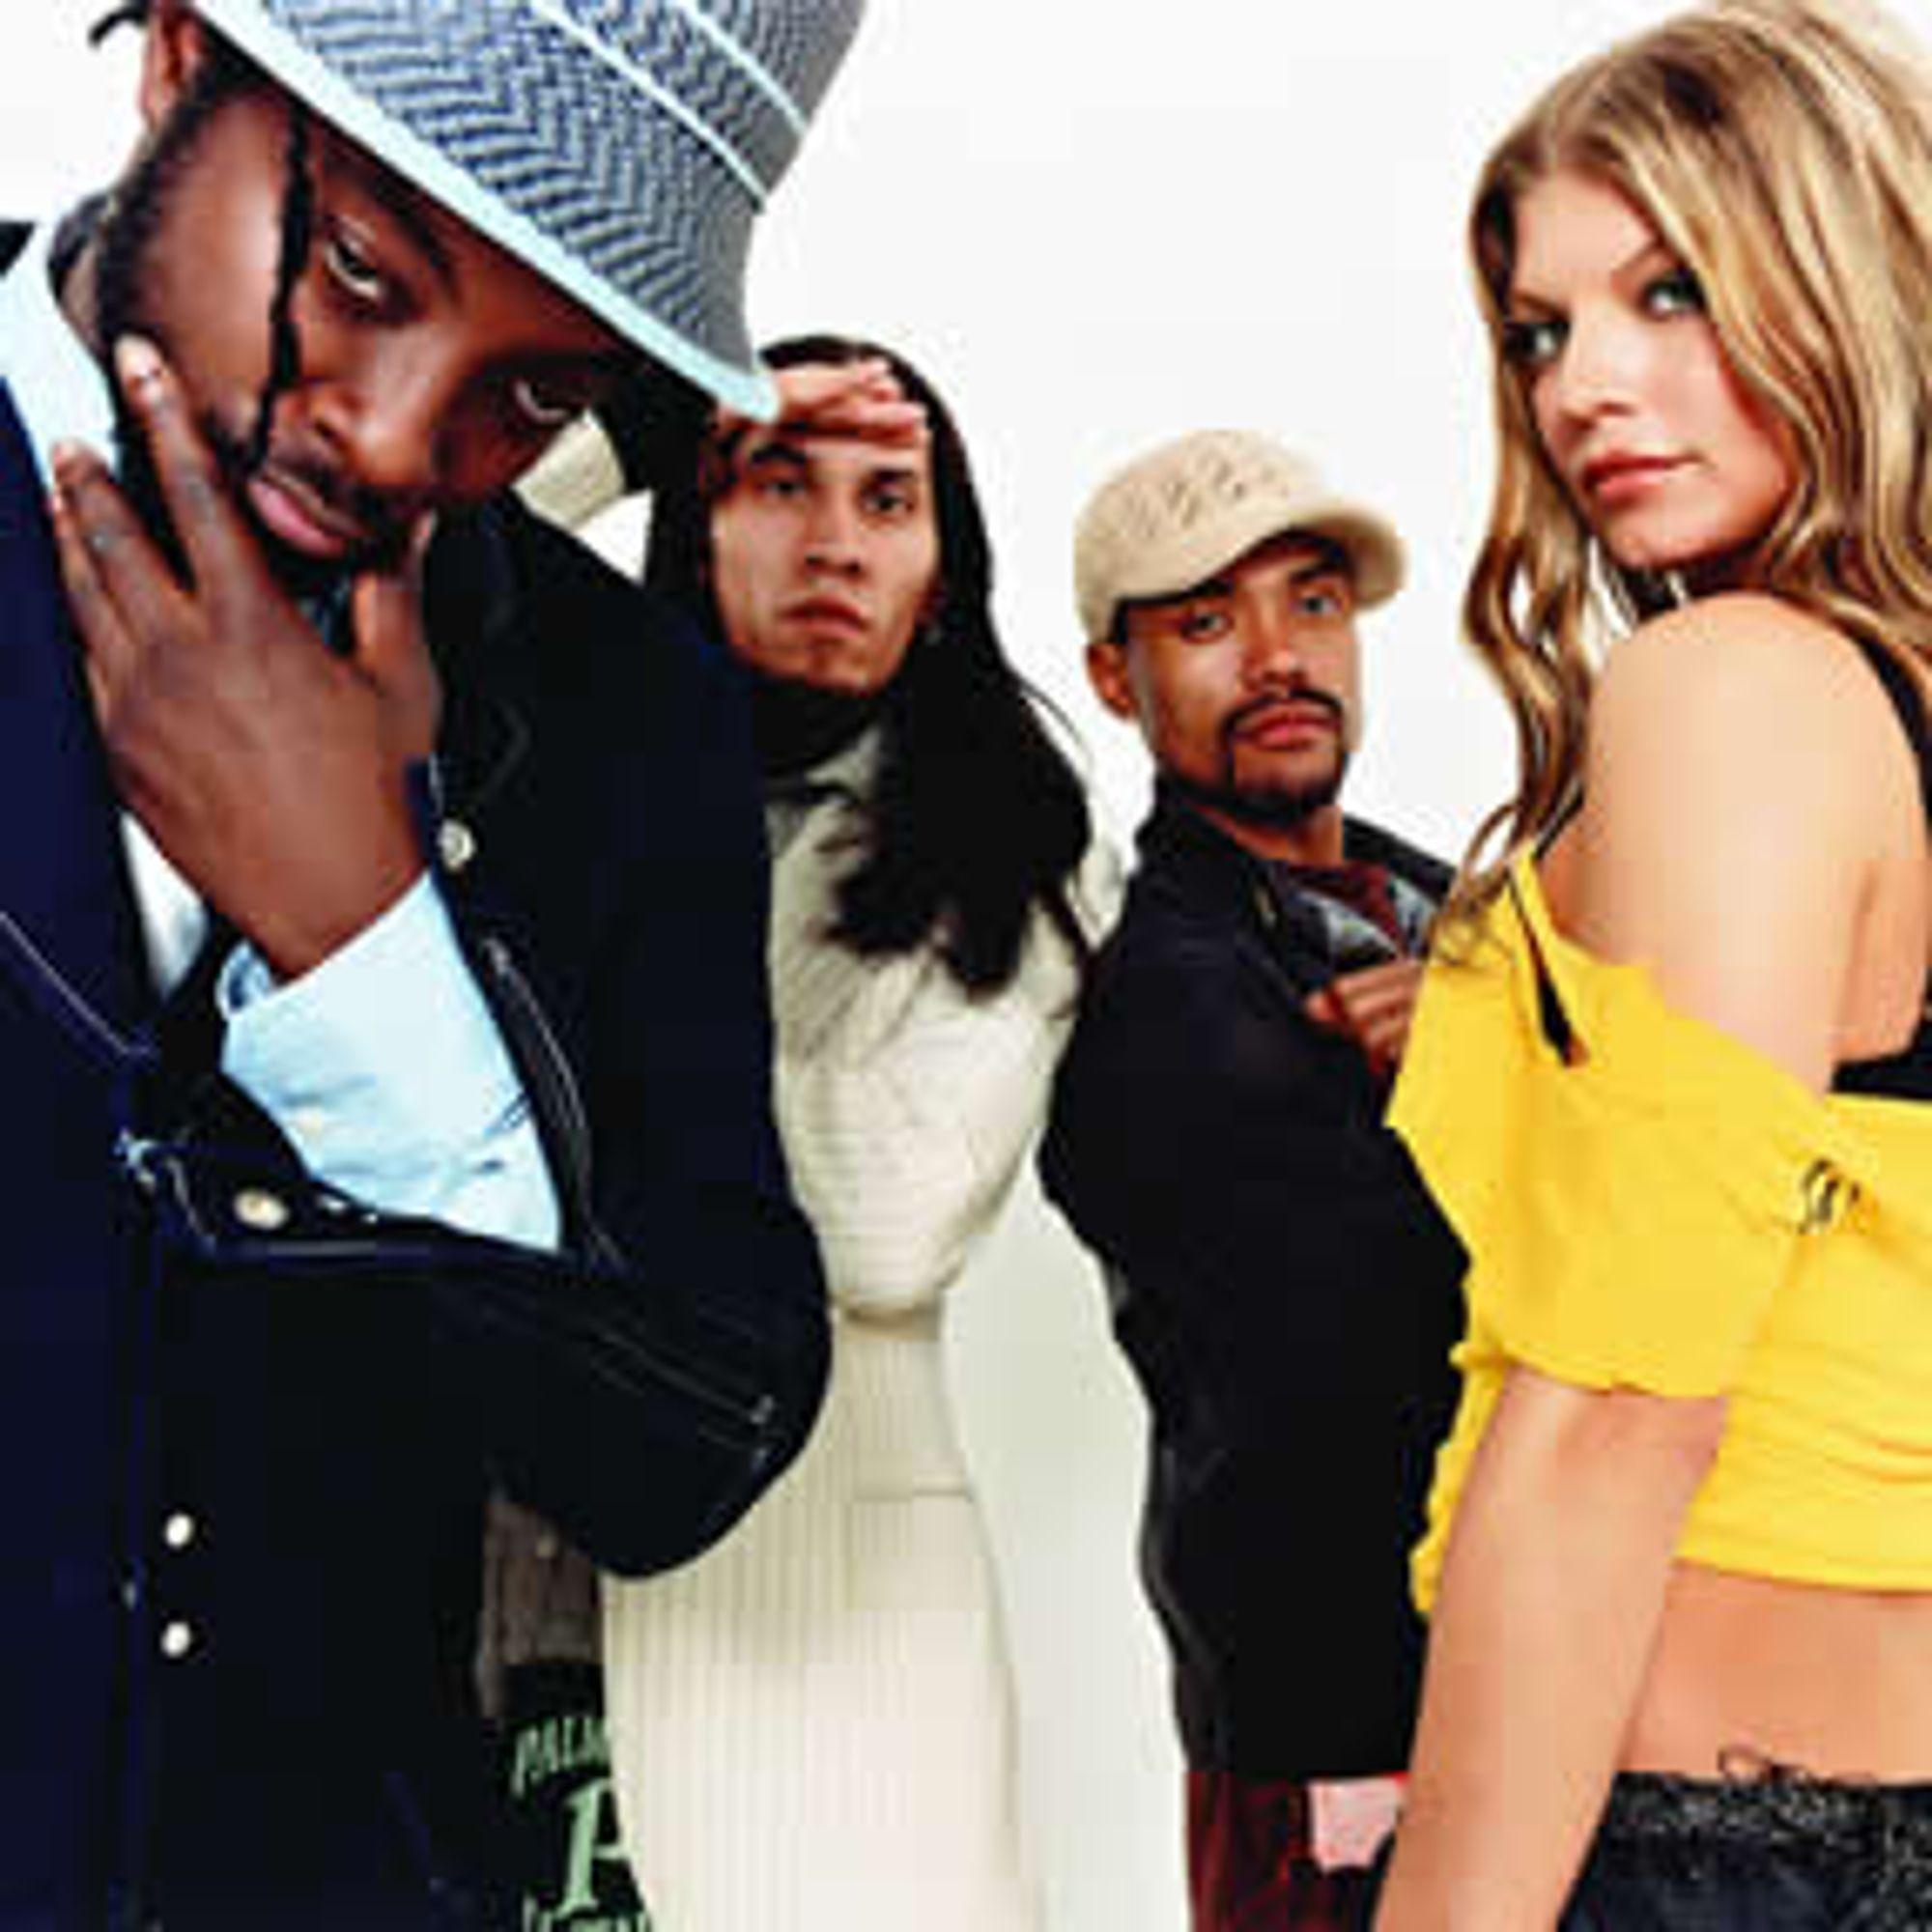 Fergie er nok aller mest kjent fra bandet The Black Eyed Peas, hvor hun fikk sitt gjennombrudd som sanger. I senere tider har hun gått videre som soloartist.